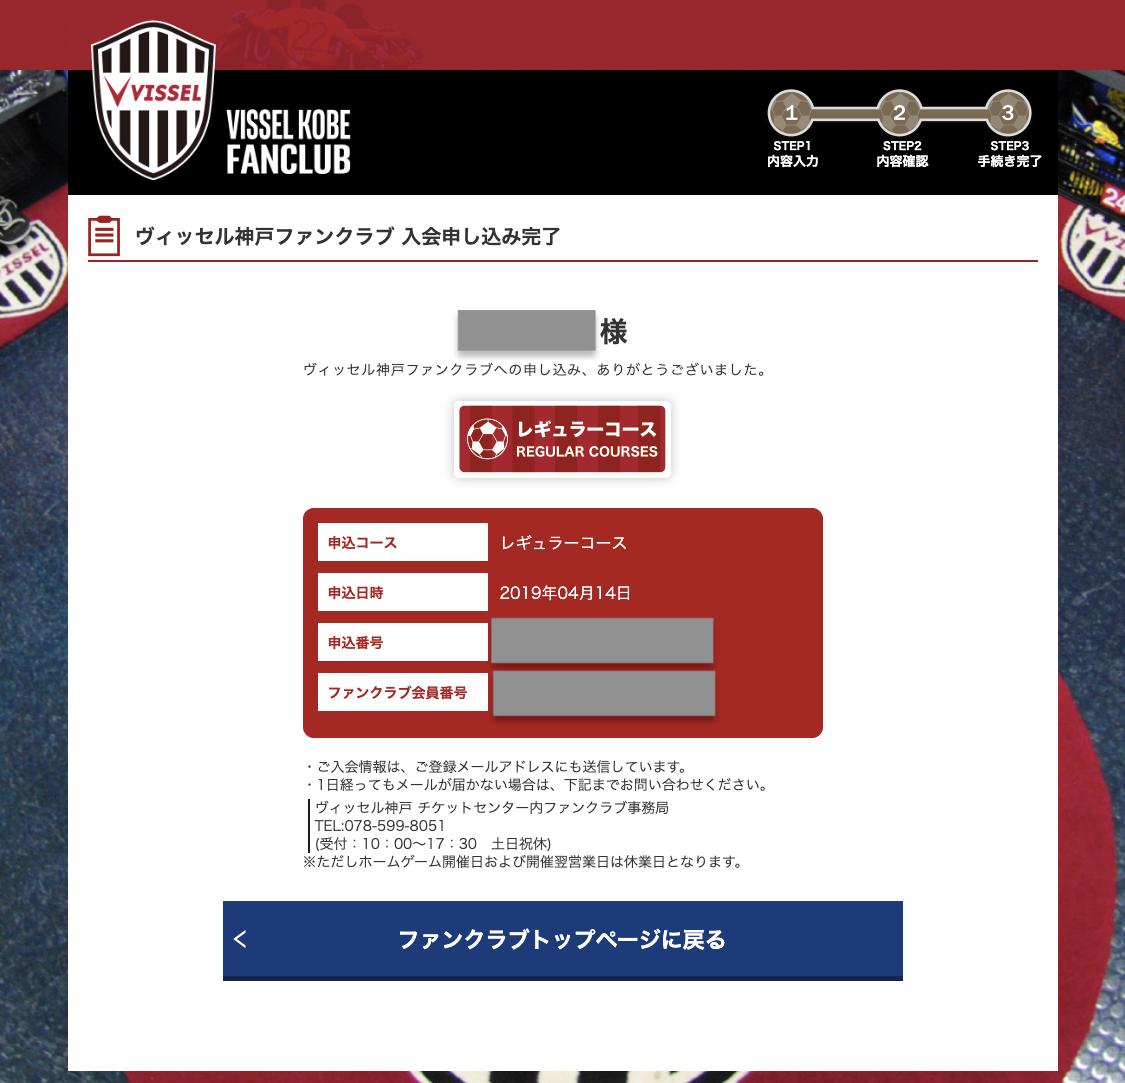 f:id:ktakumi11:20190414210419p:plain